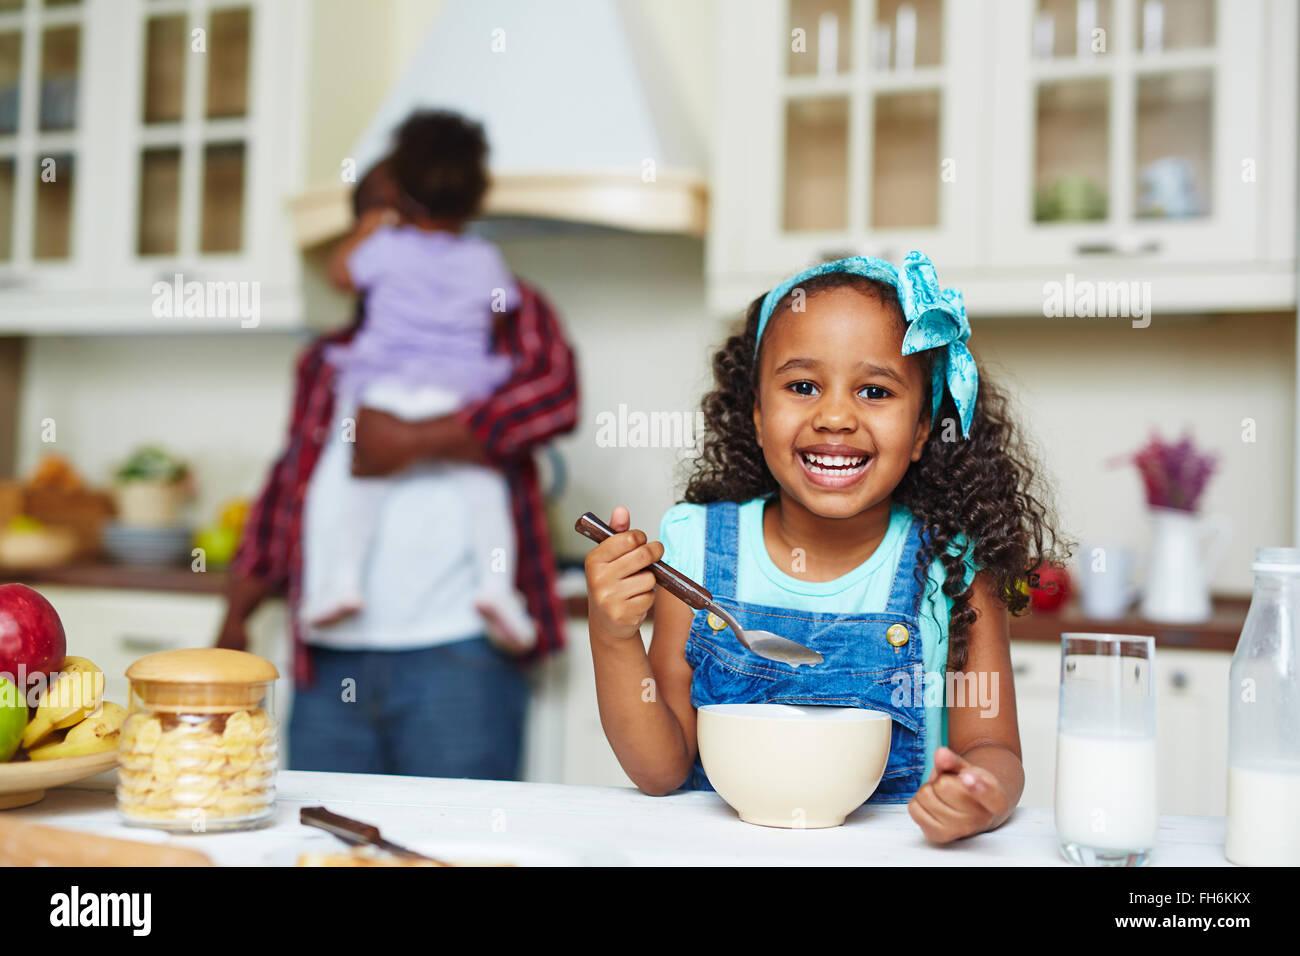 Fröhliches afroamerikanische Mädchen Essen morgens cornflakes Stockbild